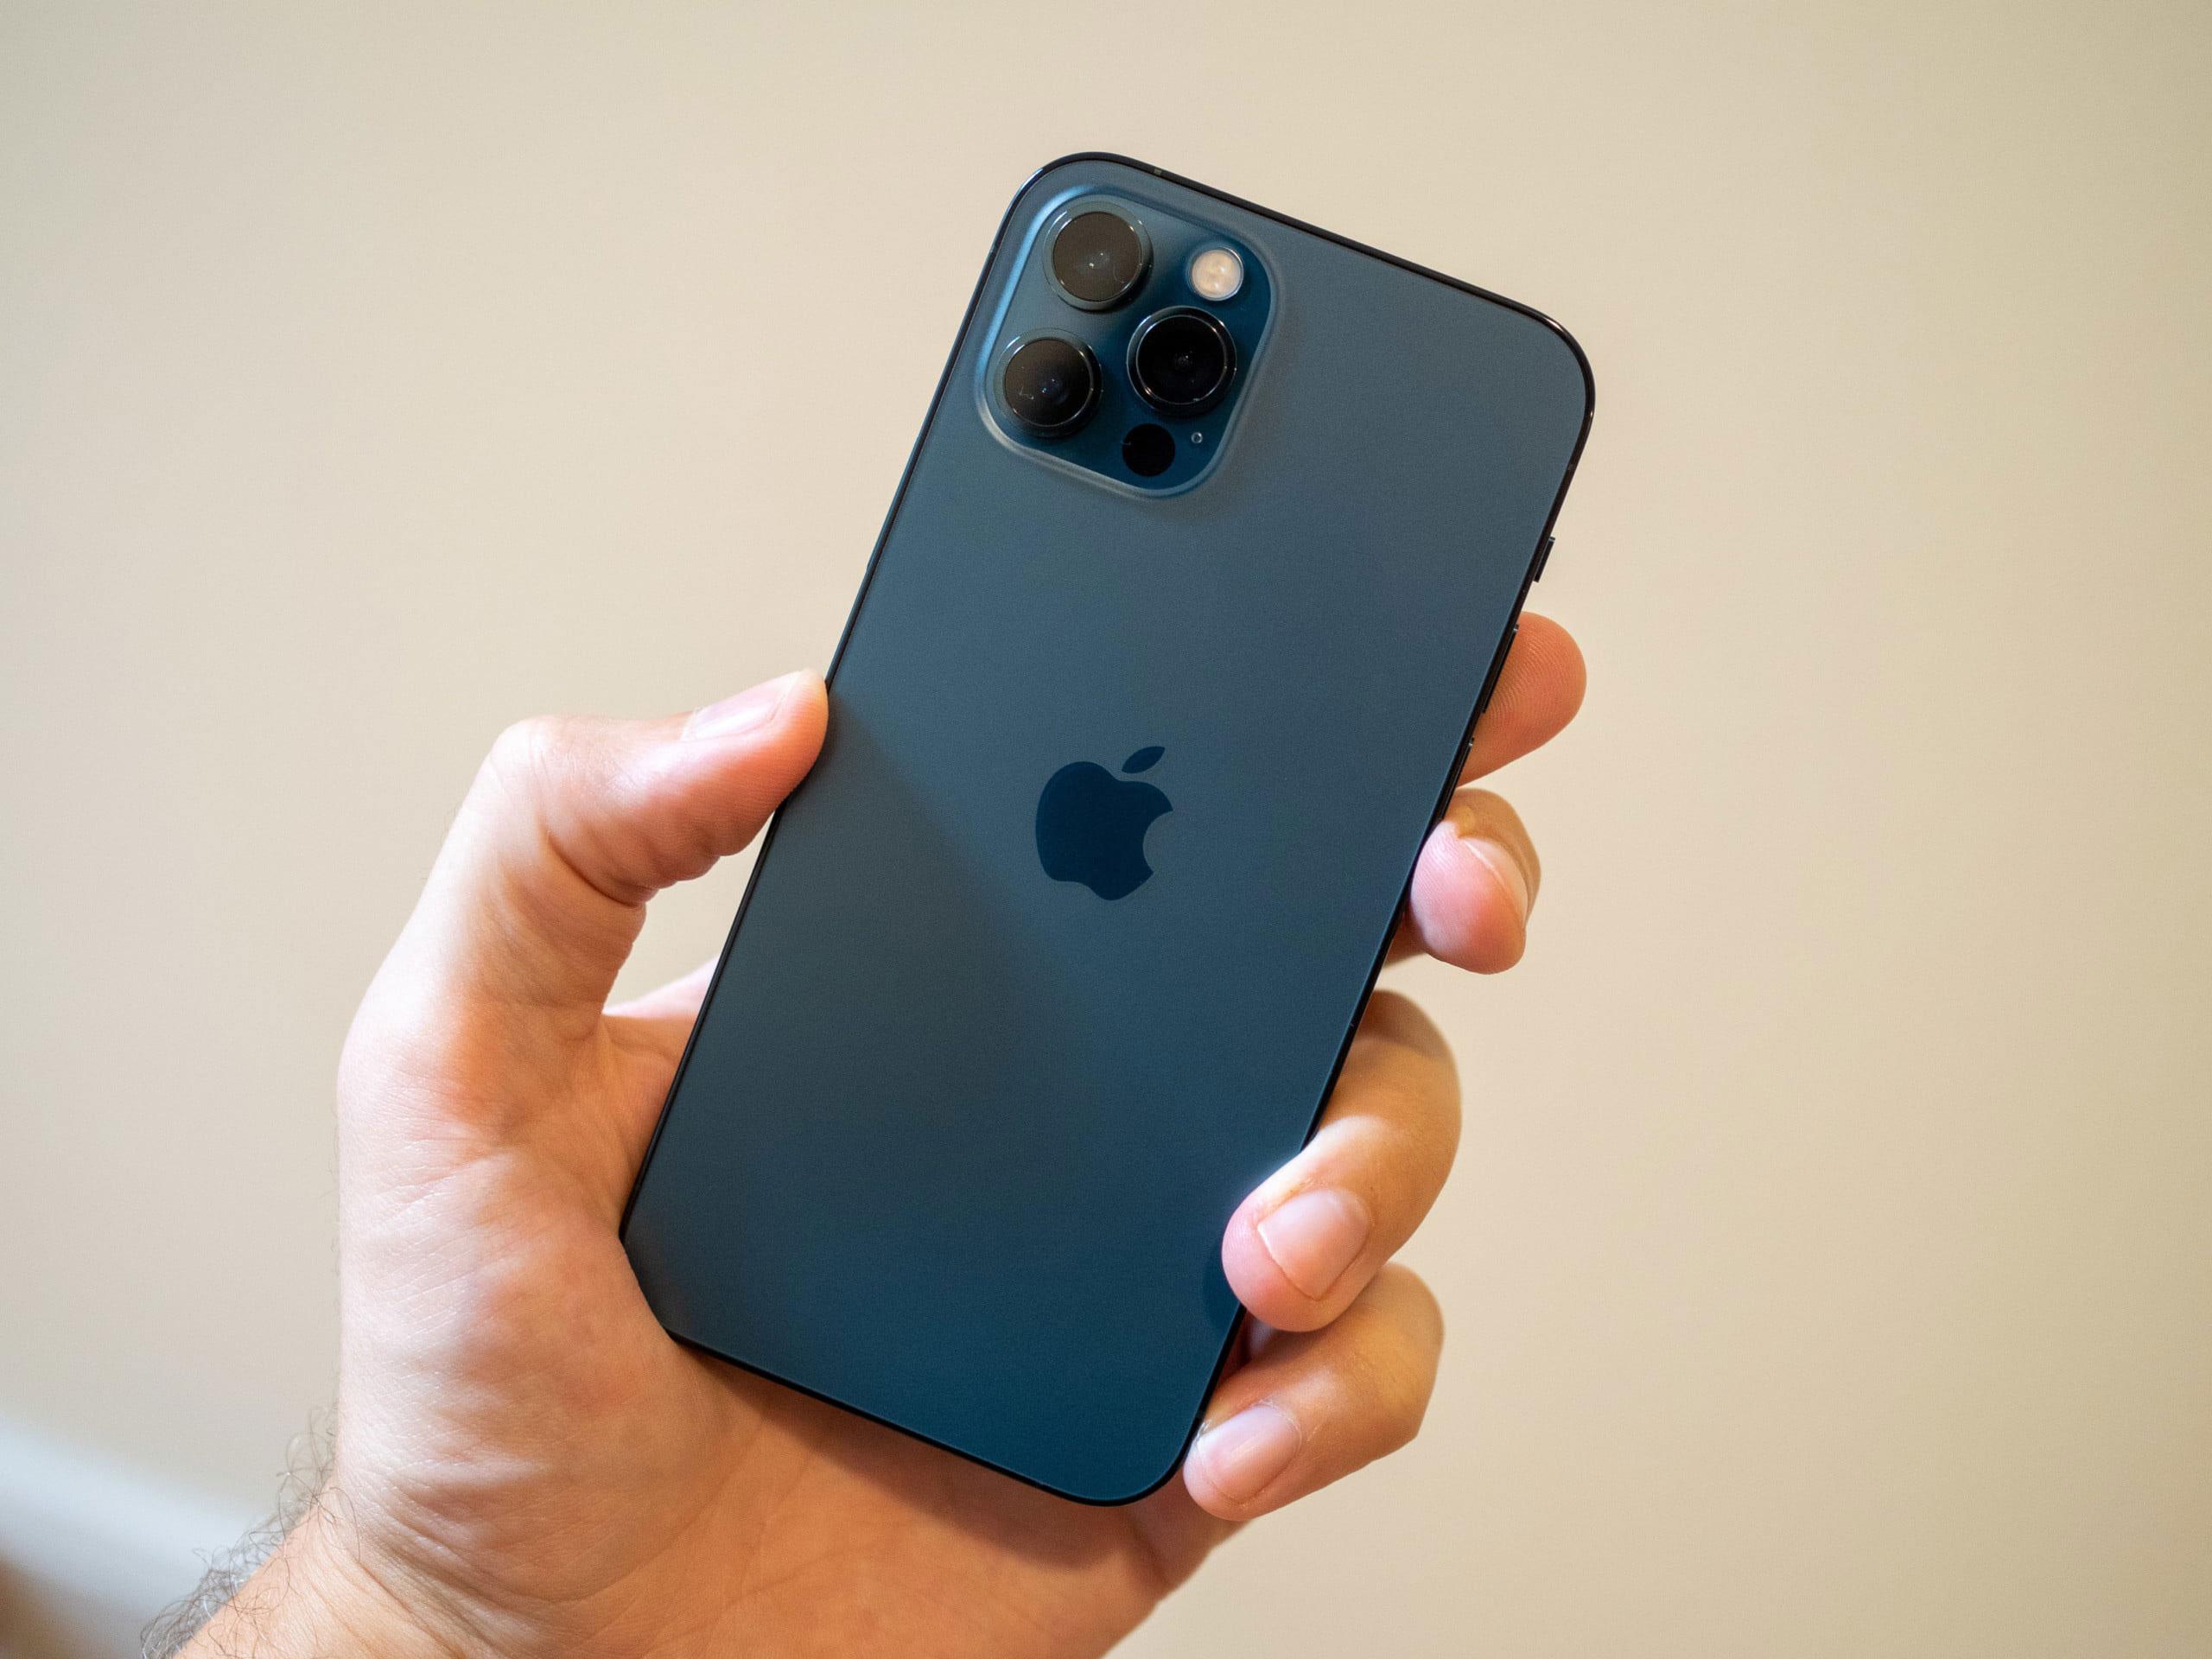 iOS14 backtap on iPhone